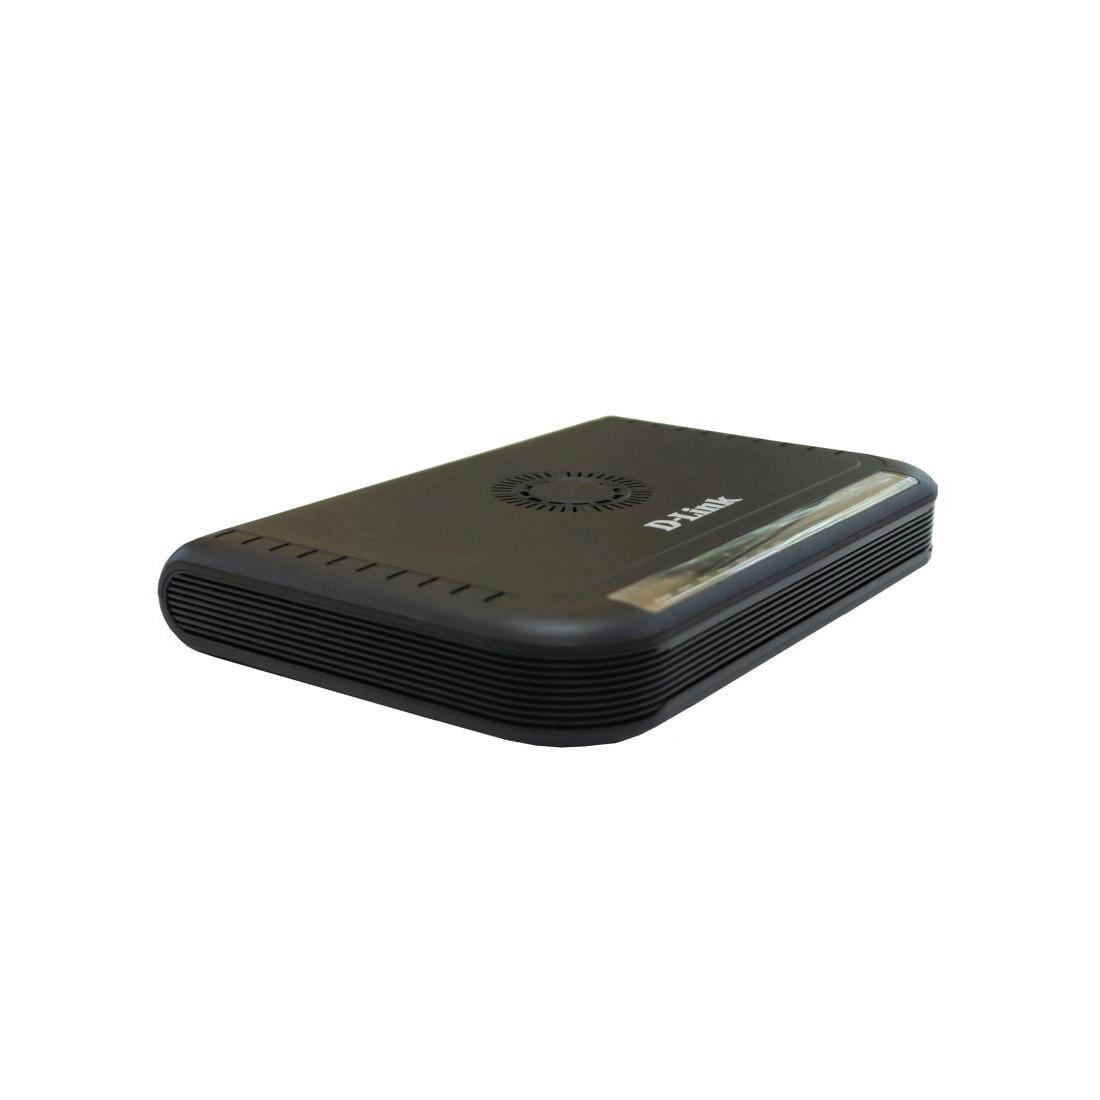 Шлюз голосовой D-Link DVG-6004SC1A